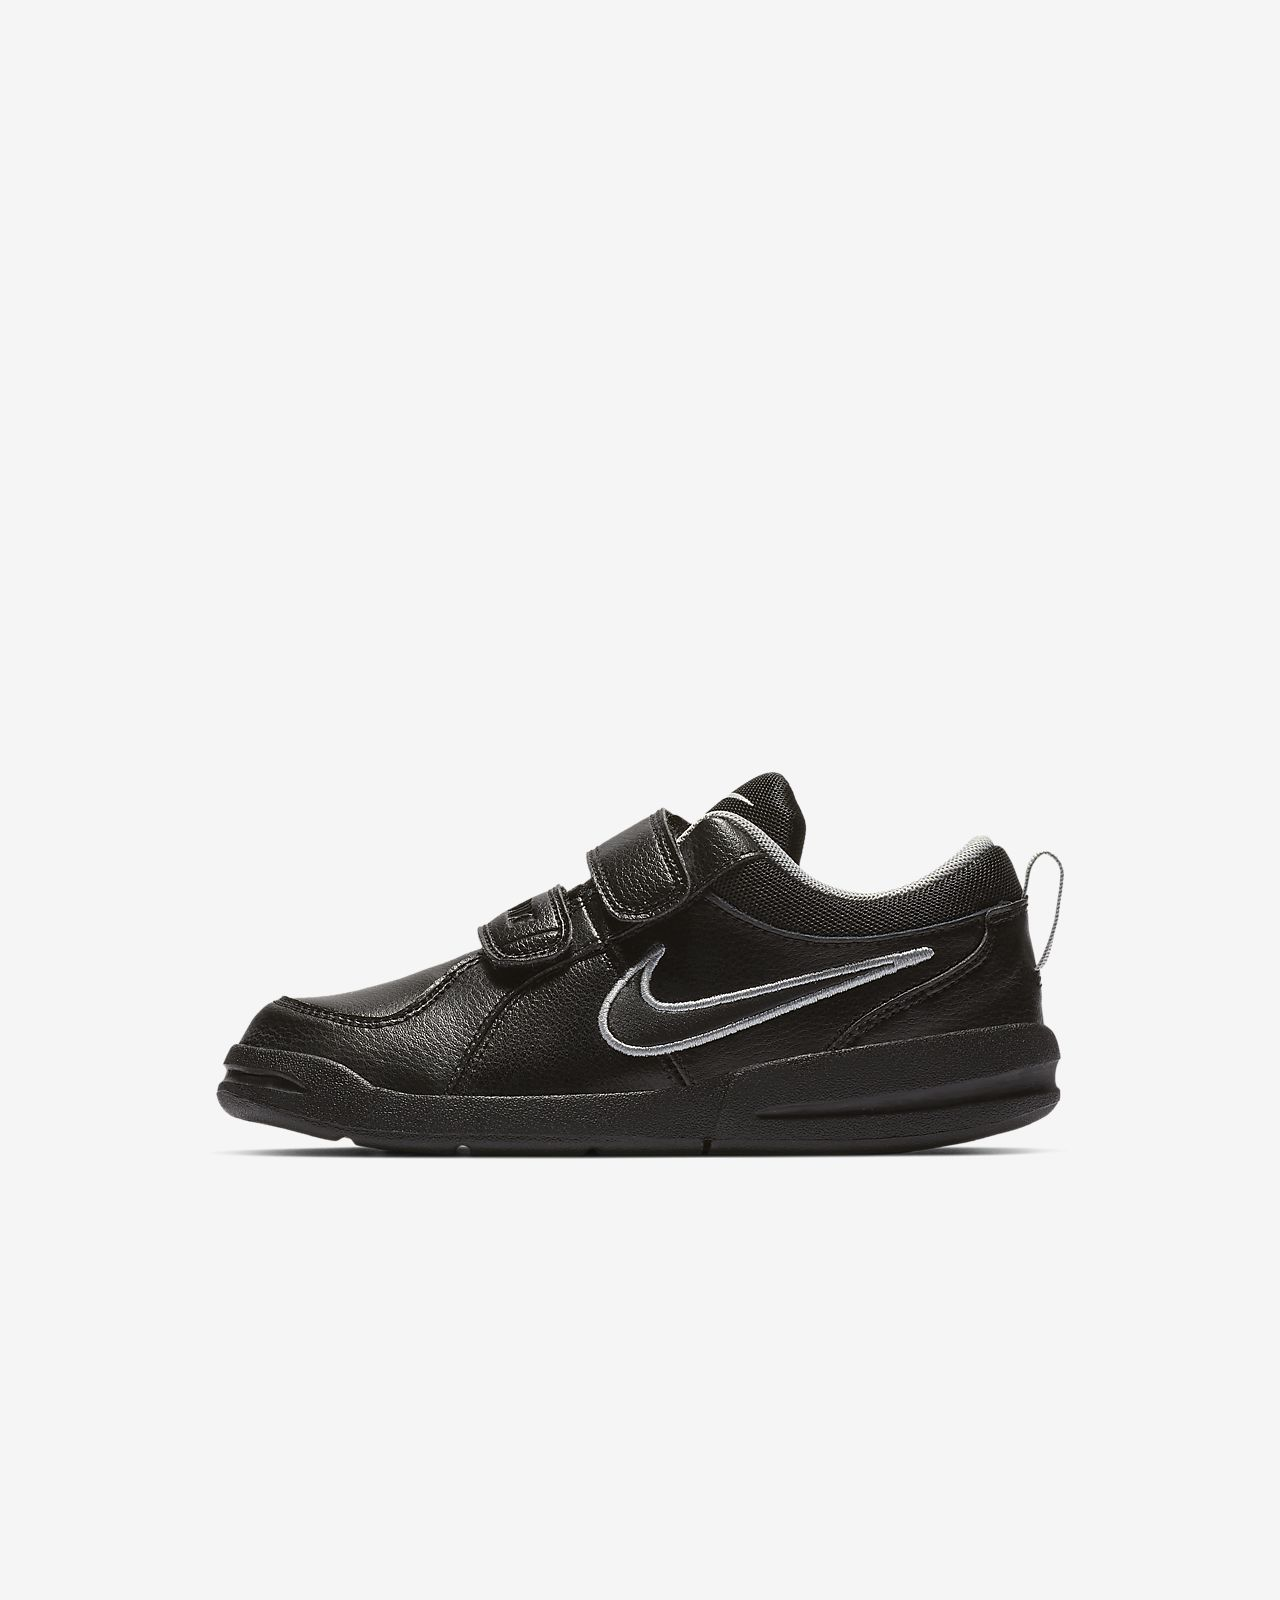 finest selection 5bf05 1c5ea 4 Nike Pequeños Chicos Pico Zapatillas Es wZfxpOwq